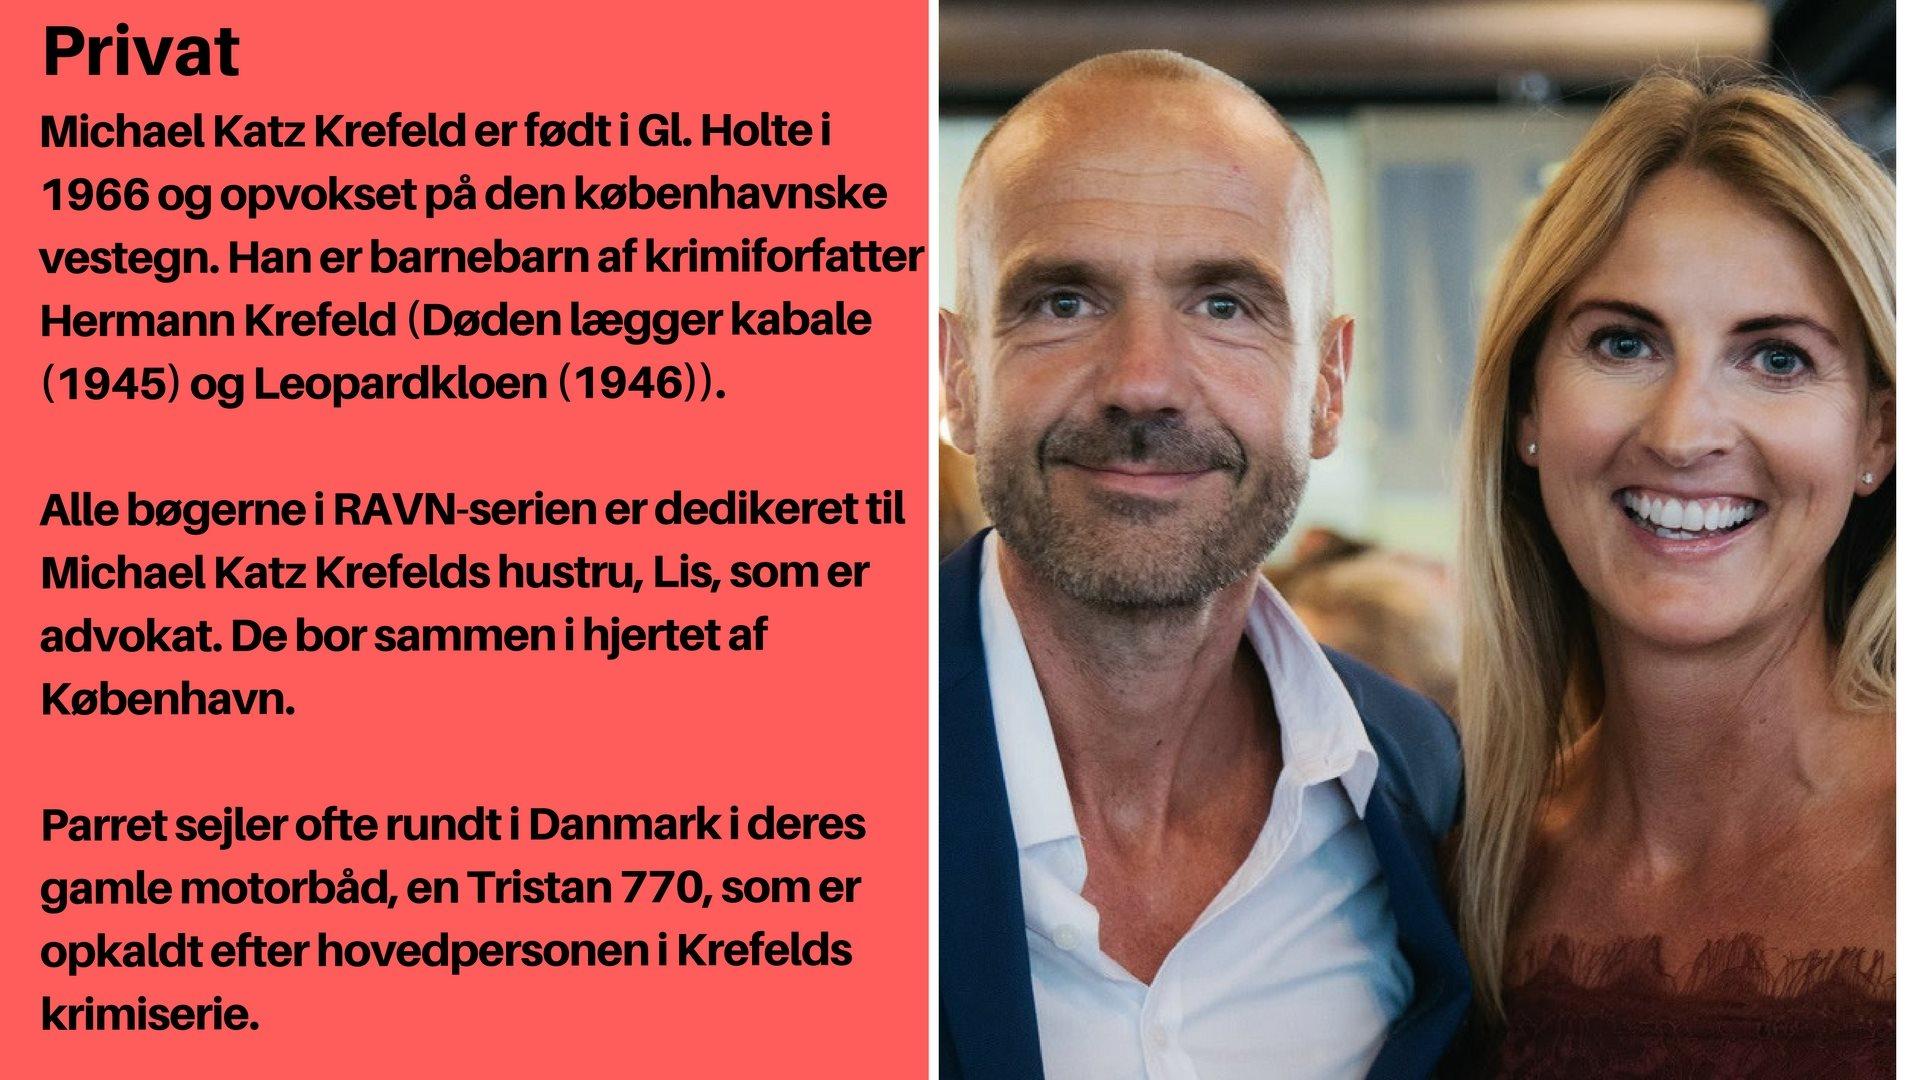 krefeld-privat-med-info-sort-3